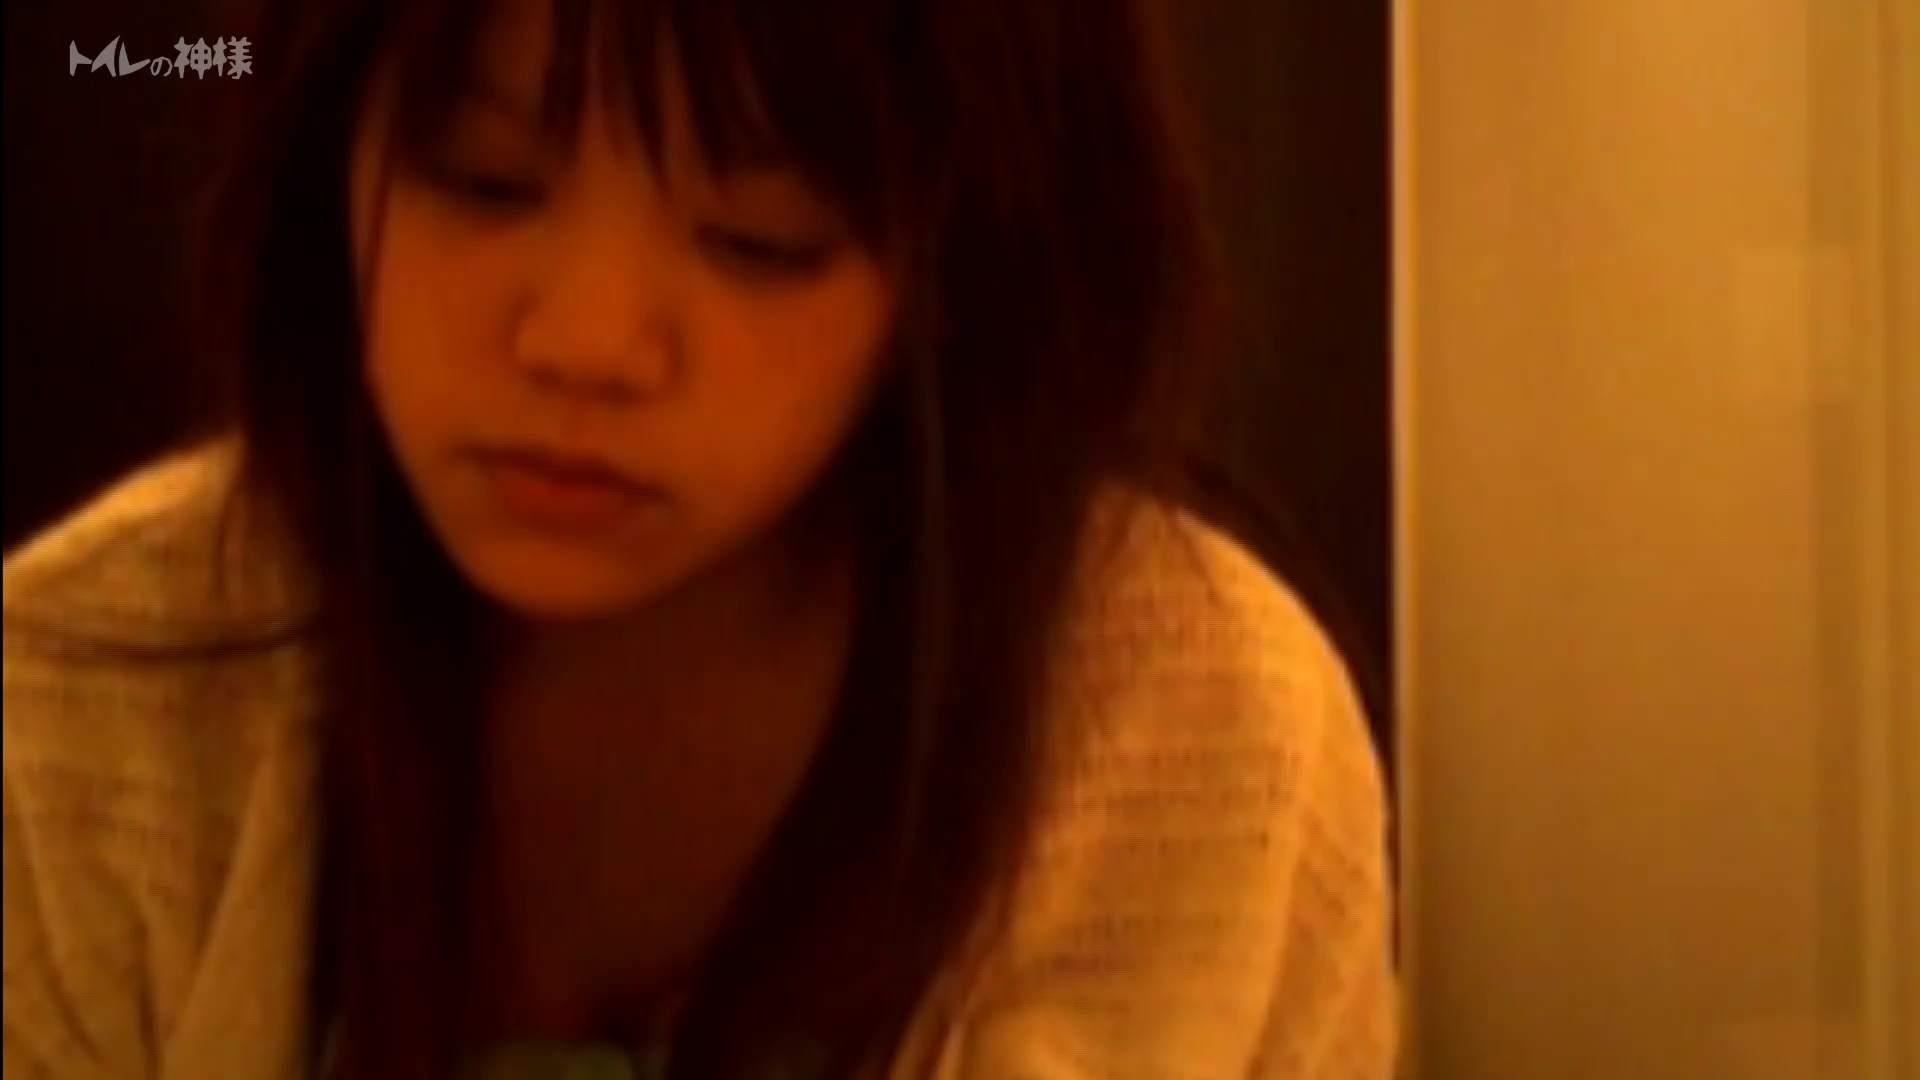 トイレの神様 Vol.03 彼女のうんち隠し撮り ギャル  70PIX 57